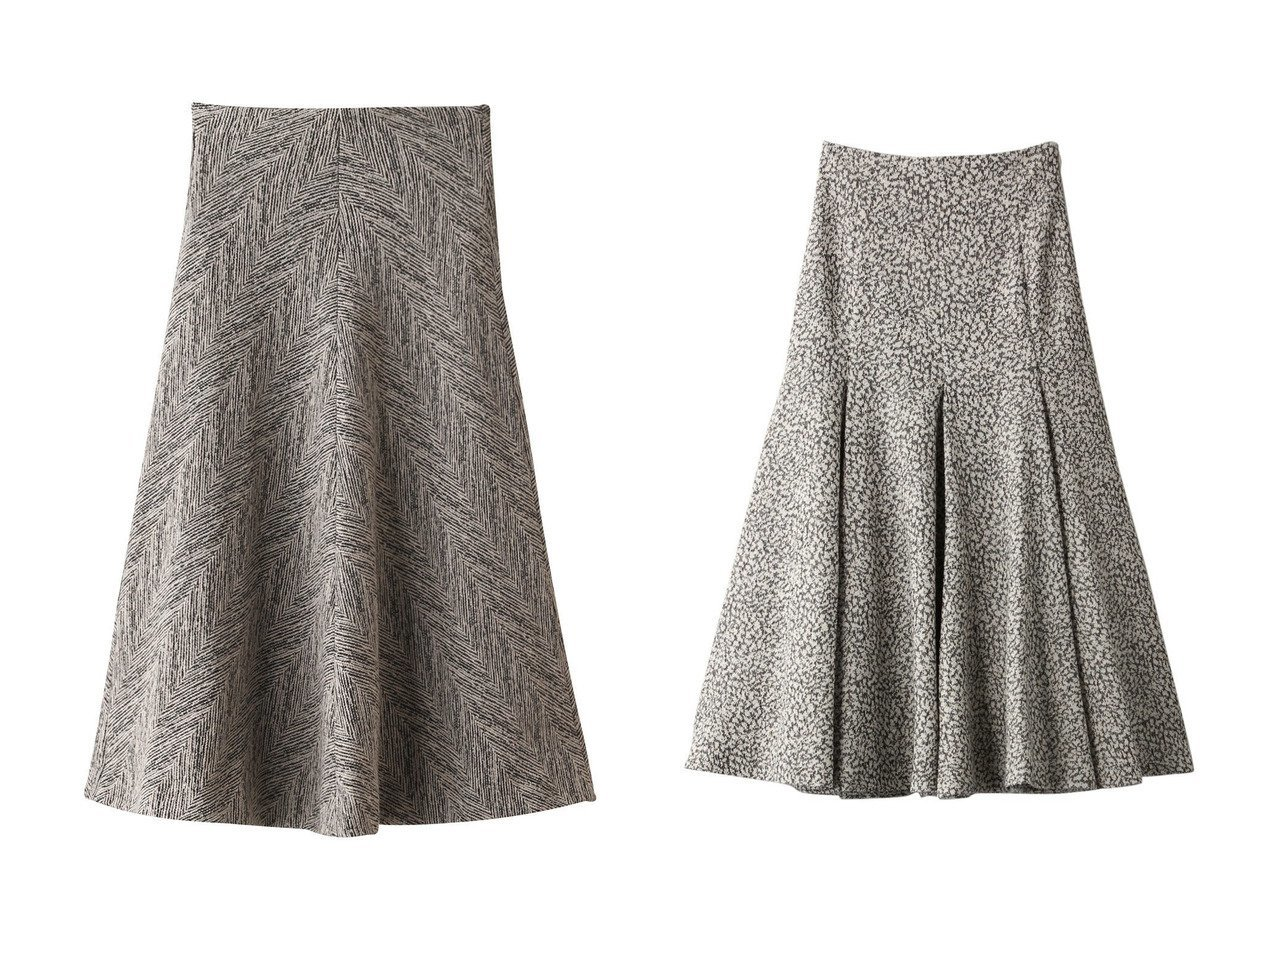 【muller of yoshiokubo/ミュラー オブ ヨシオクボ】のヘリンボーンスカート&【BAUME/ボーム】のツイードマーメイドスカート スカートのおすすめ!人気、レディースファッションの通販 おすすめで人気のファッション通販商品 インテリア・家具・キッズファッション・メンズファッション・レディースファッション・服の通販 founy(ファニー) https://founy.com/ ファッション Fashion レディース WOMEN スカート Skirt ロングスカート Long Skirt ジャケット セットアップ フレア ヘリンボーン ロング |ID:crp329100000000064